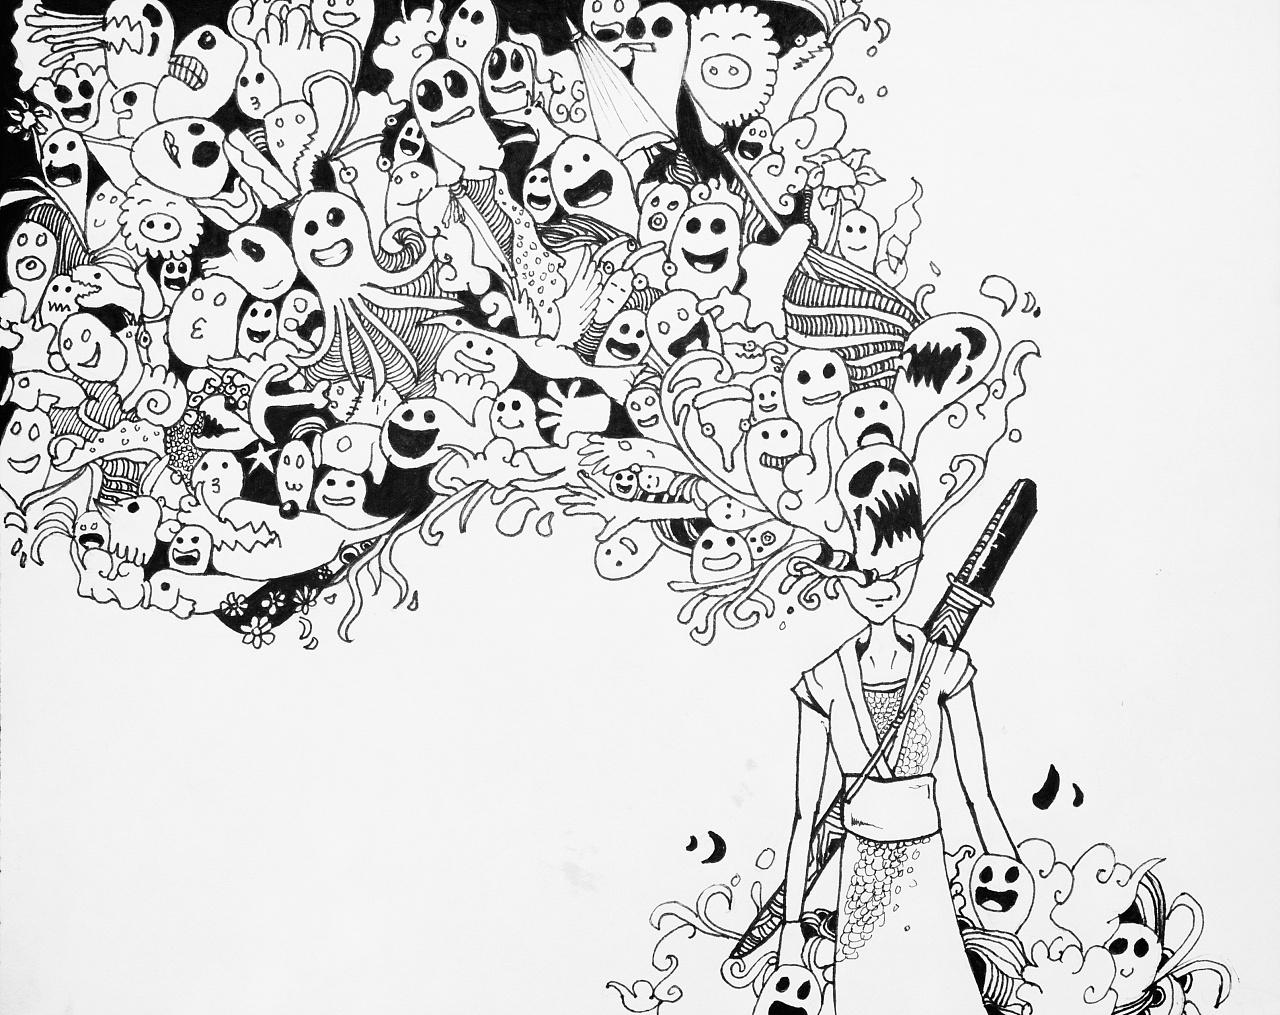 钢笔插画 手绘画 涂鸦插画 熊猫-北极熊钢笔插画-个性